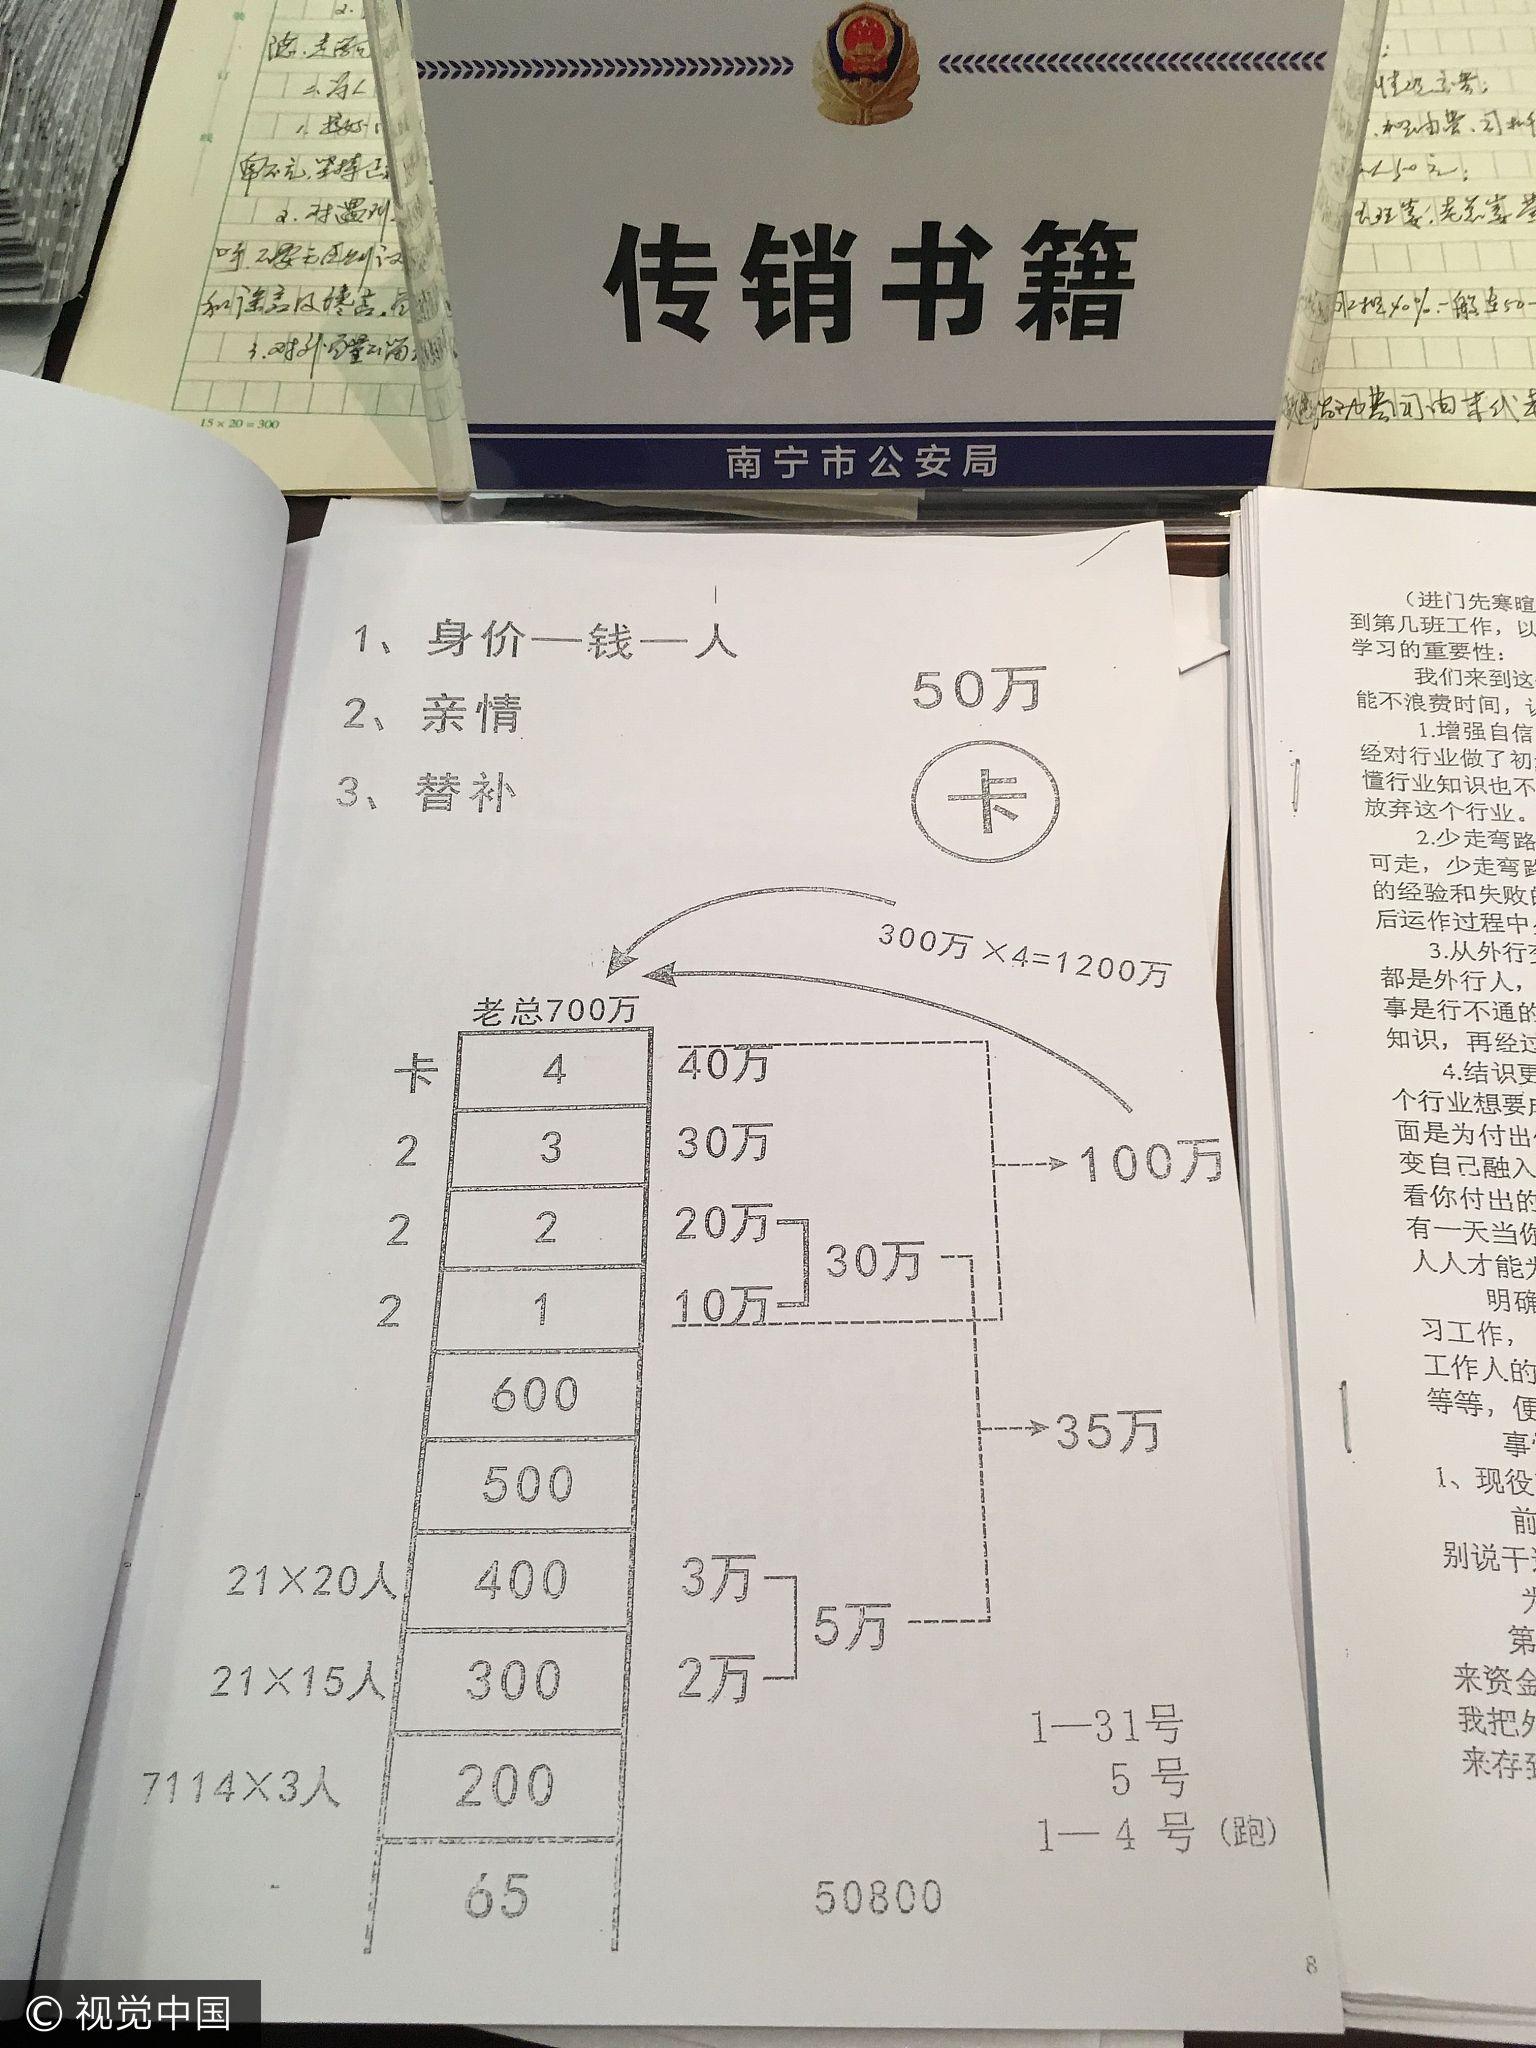 广西破特大传销案金额超15亿 缴获成捆现金 - 周公乐 - xinhua8848 的博客